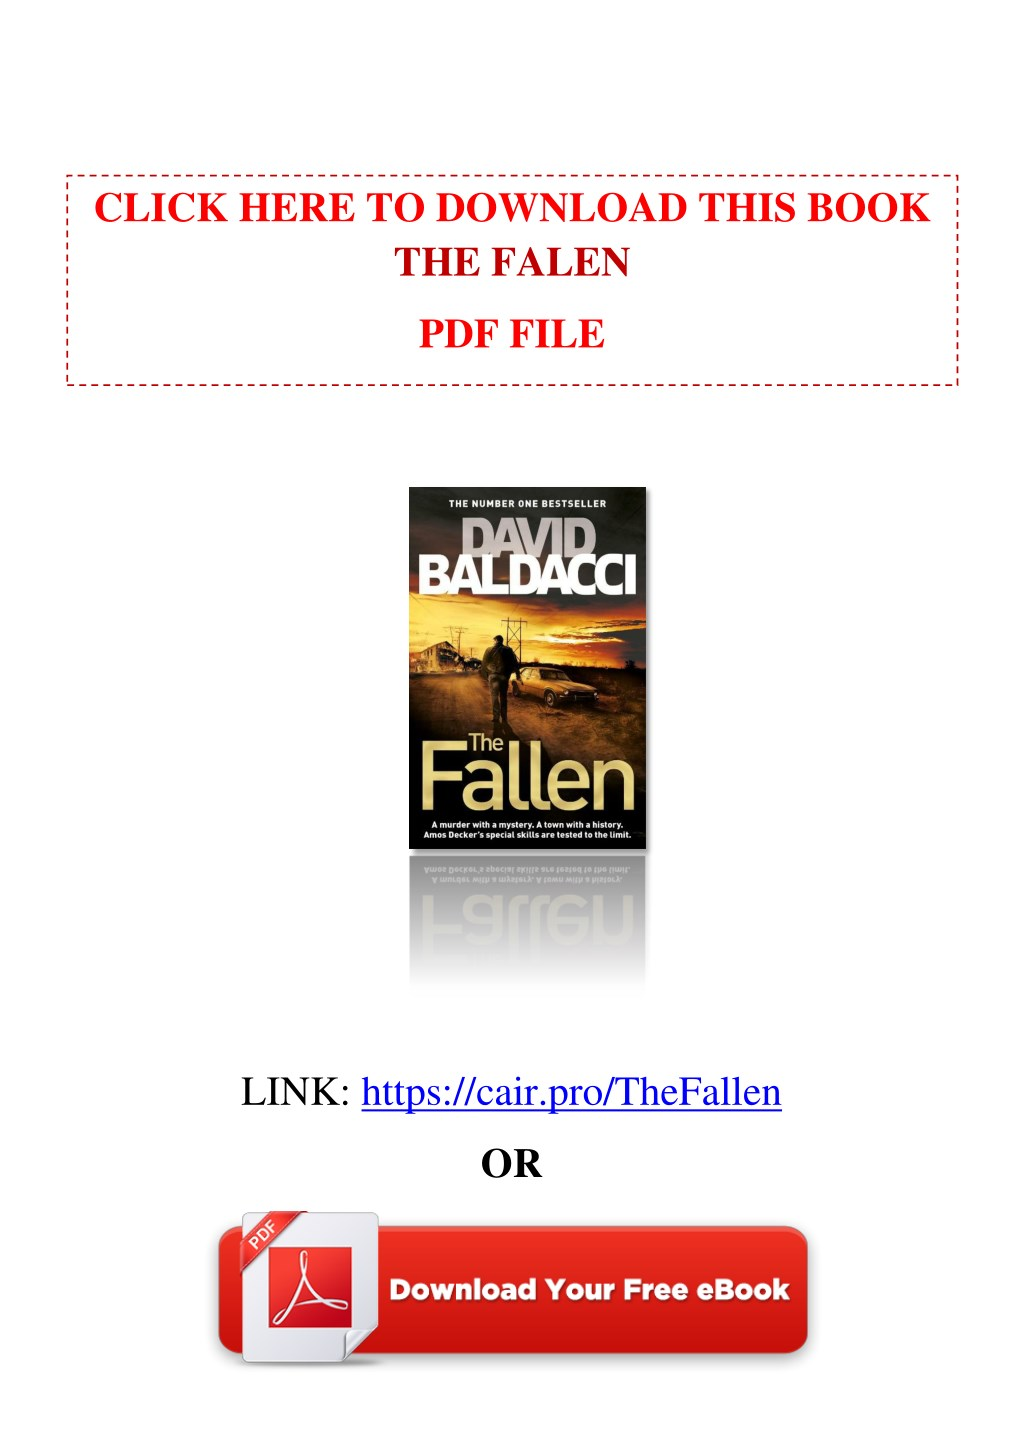 PPT - [PDF] Free Download The Fallen by David Baldacci